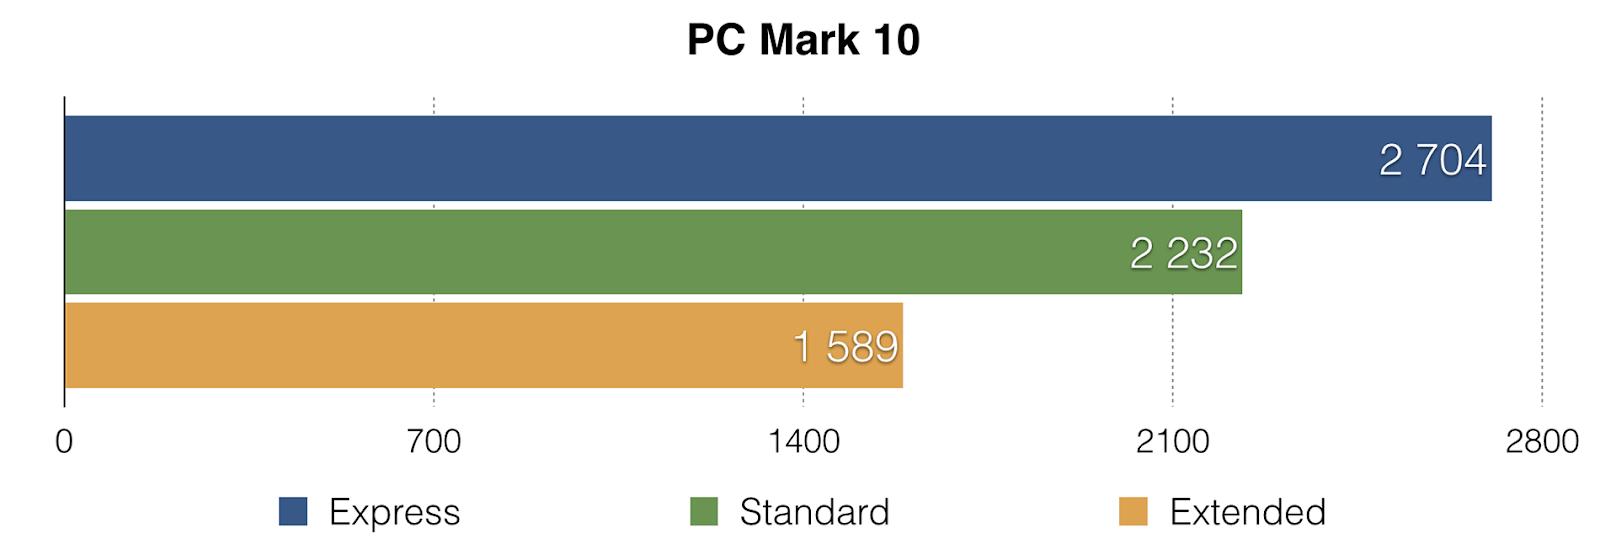 Lenovo YogaBook C930: устройство, которое заменяет сразу четыре гаджета - 23